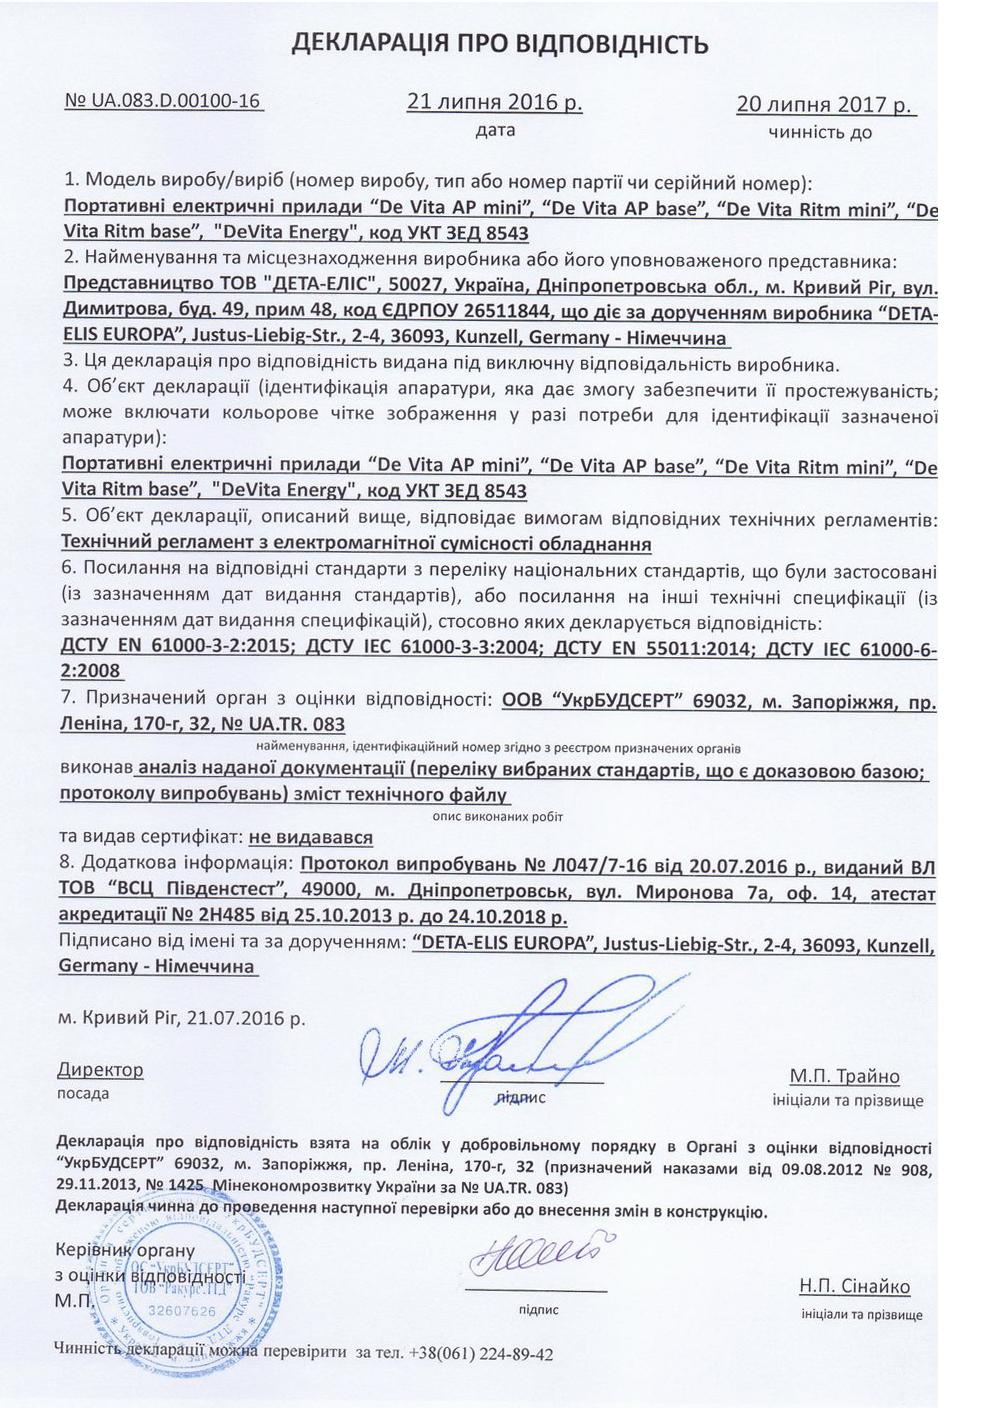 Декларация соответствия DeVita